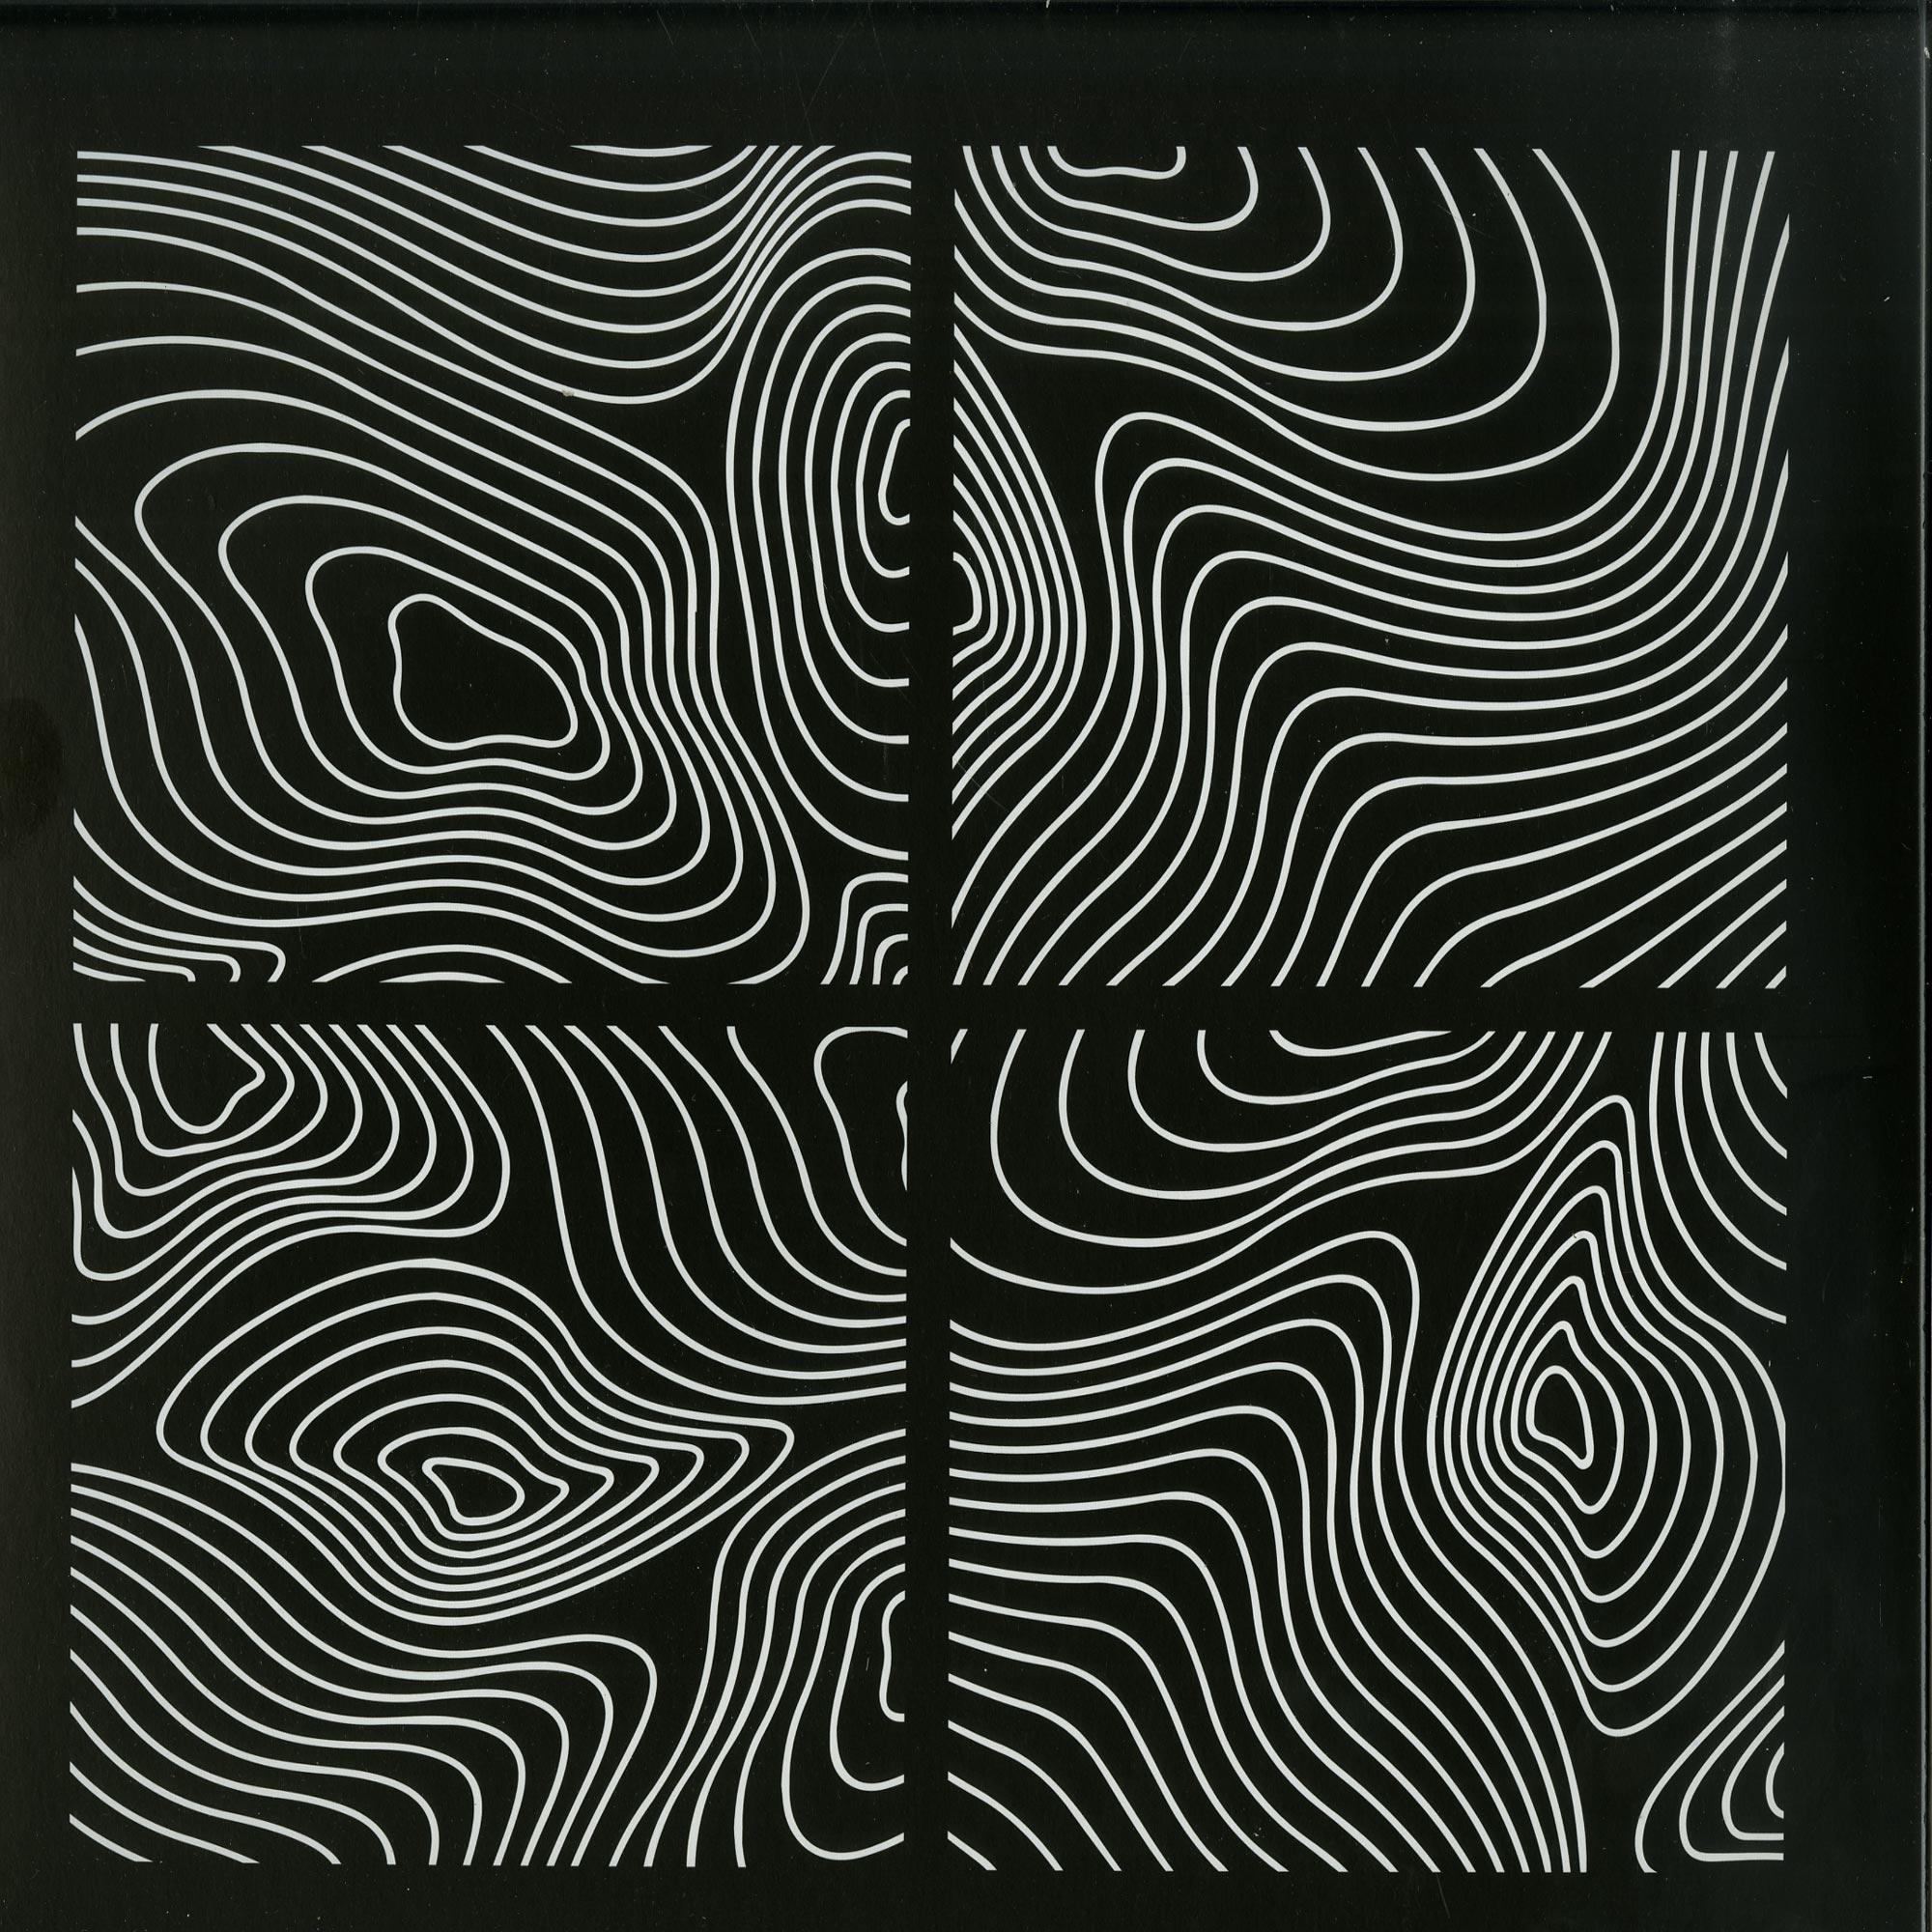 Alix Perez - NUMBERS EP